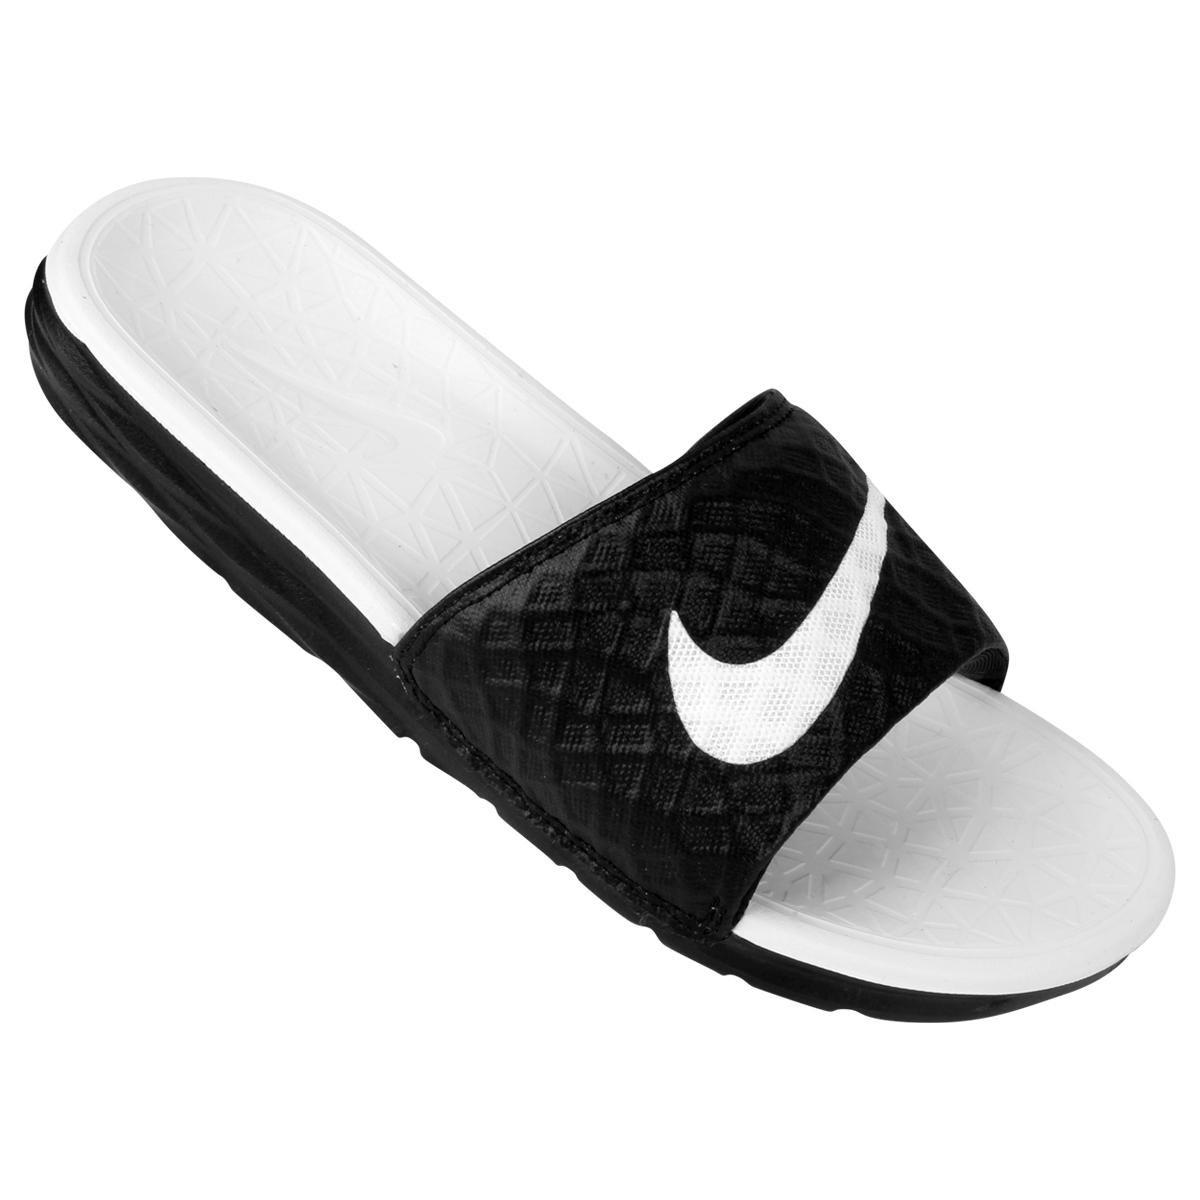 Chinelo Nike Benassi Solarsoft Feminino 705475 010